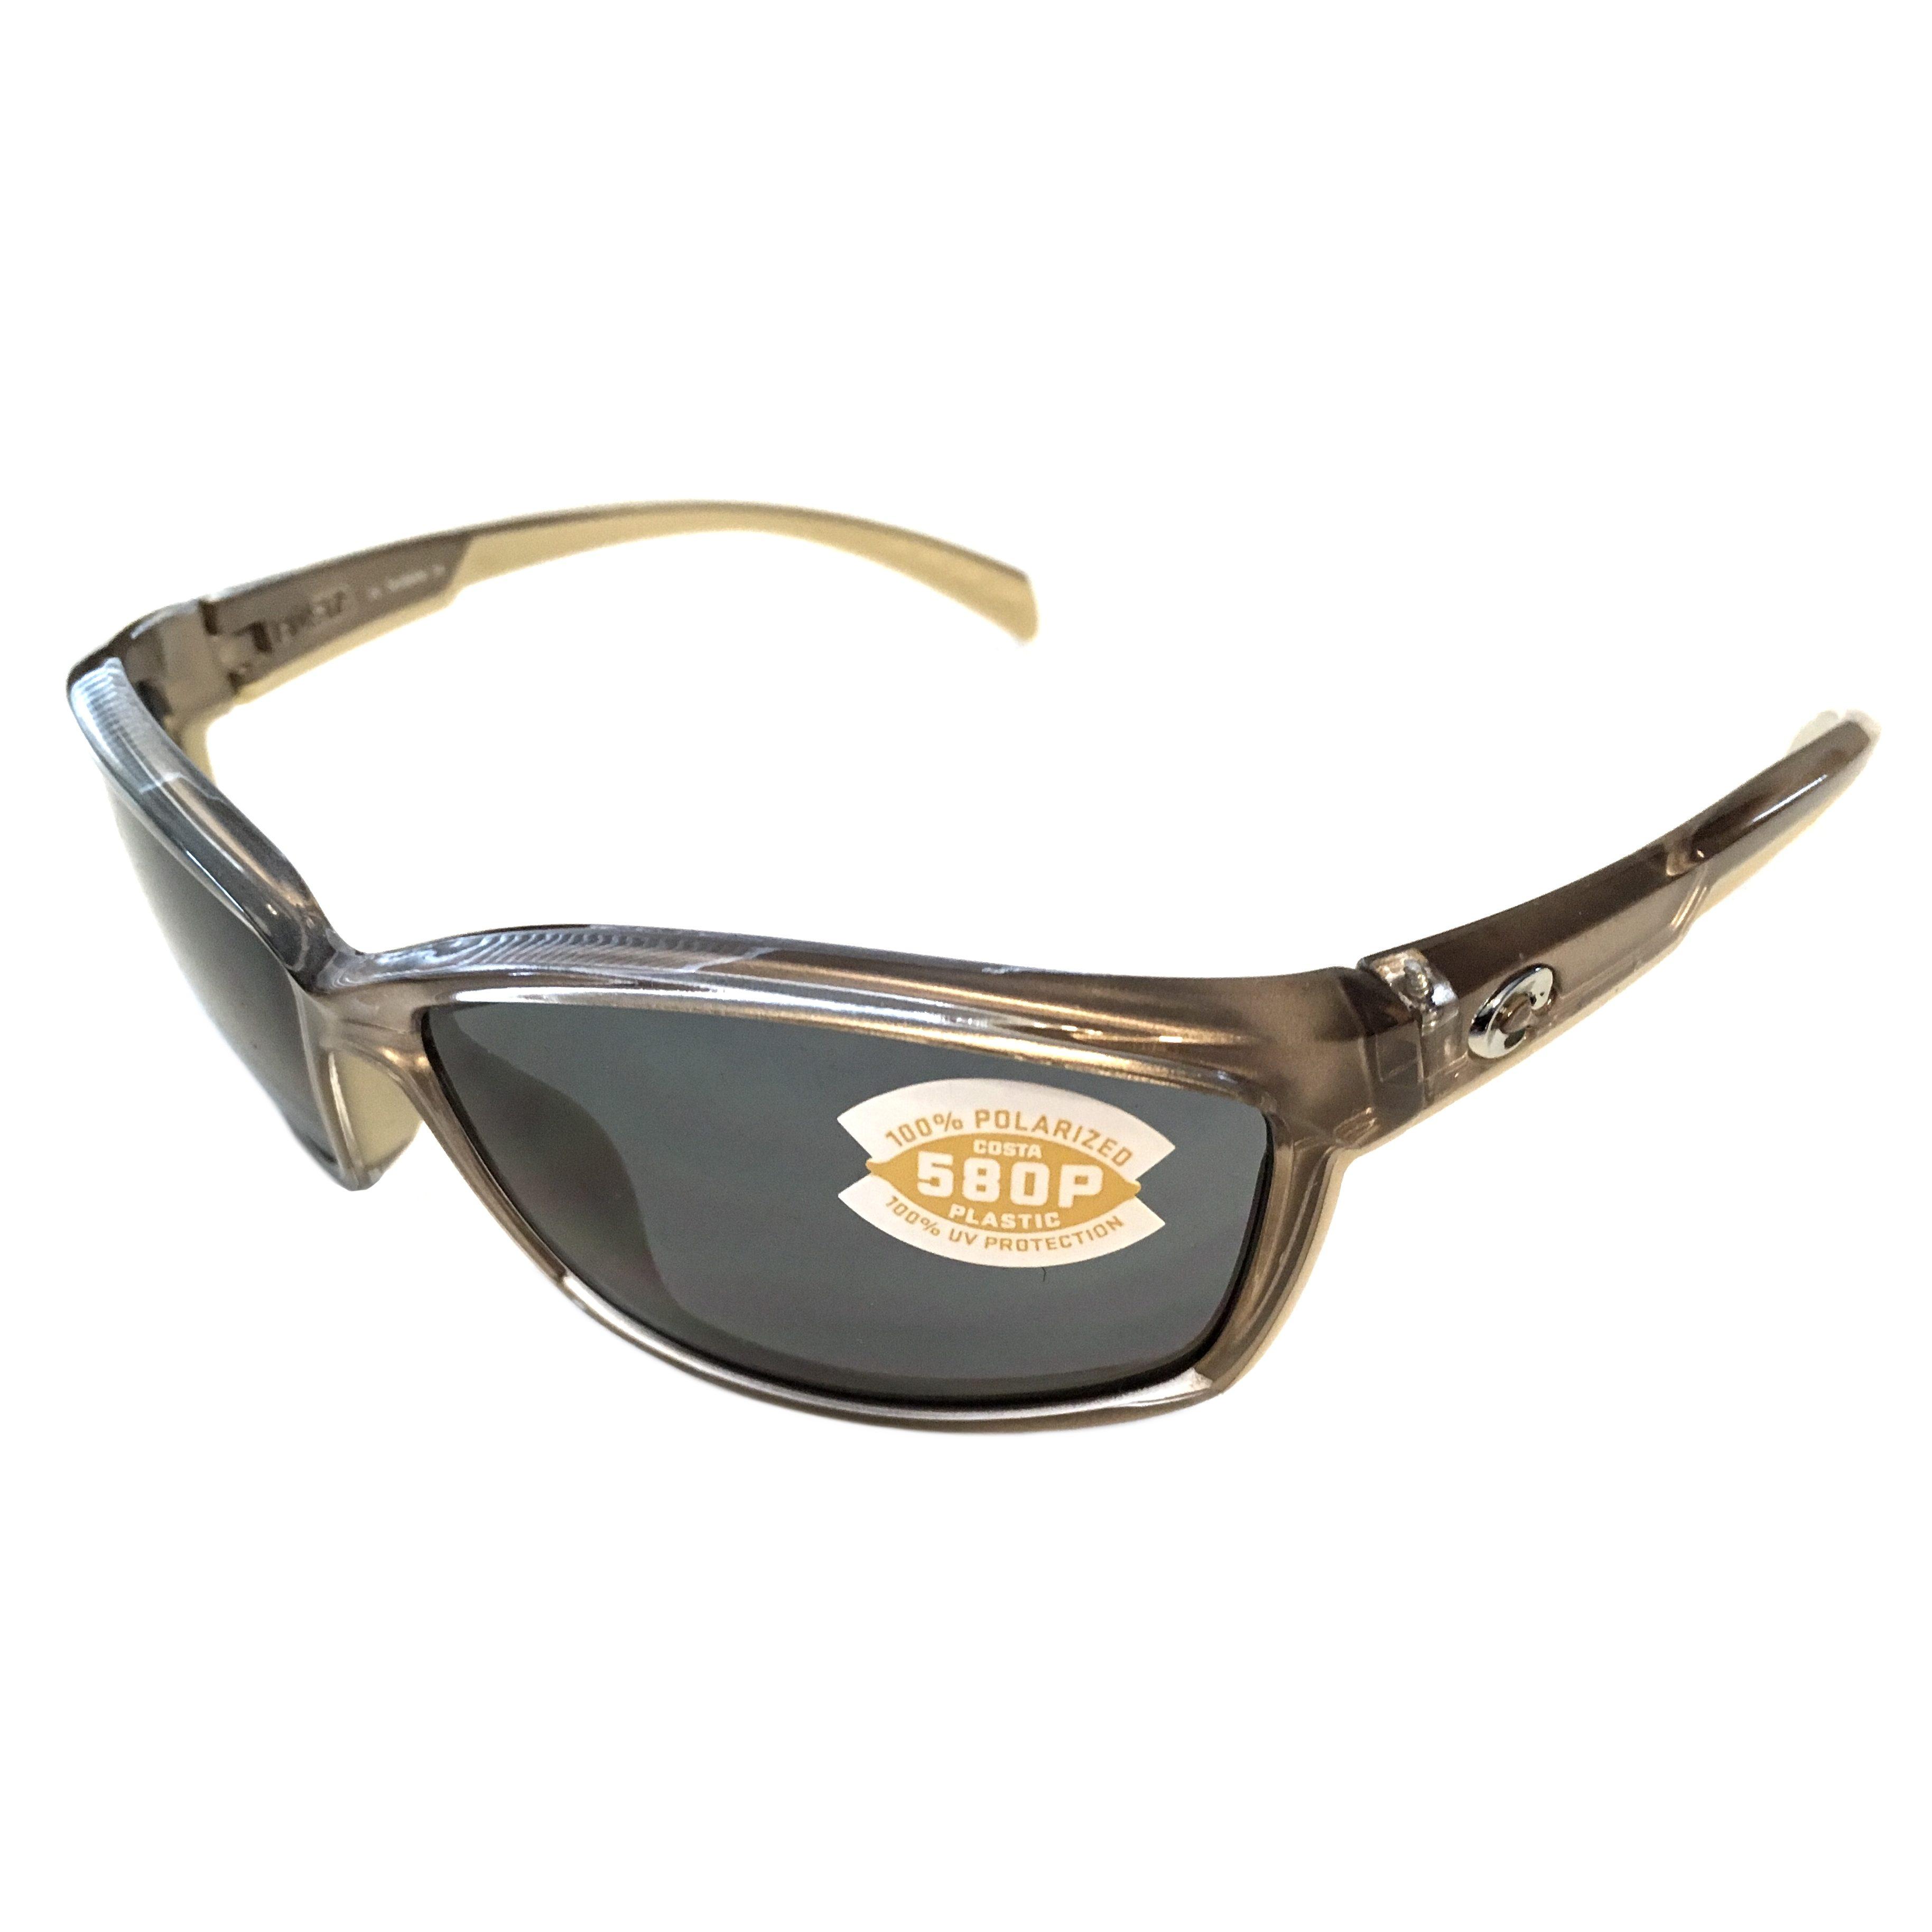 a9f8a06d1cec Costa Del Mar Manta Sunglasses – Crystal Bronze Frame – Polarized Gray 580P  Lens